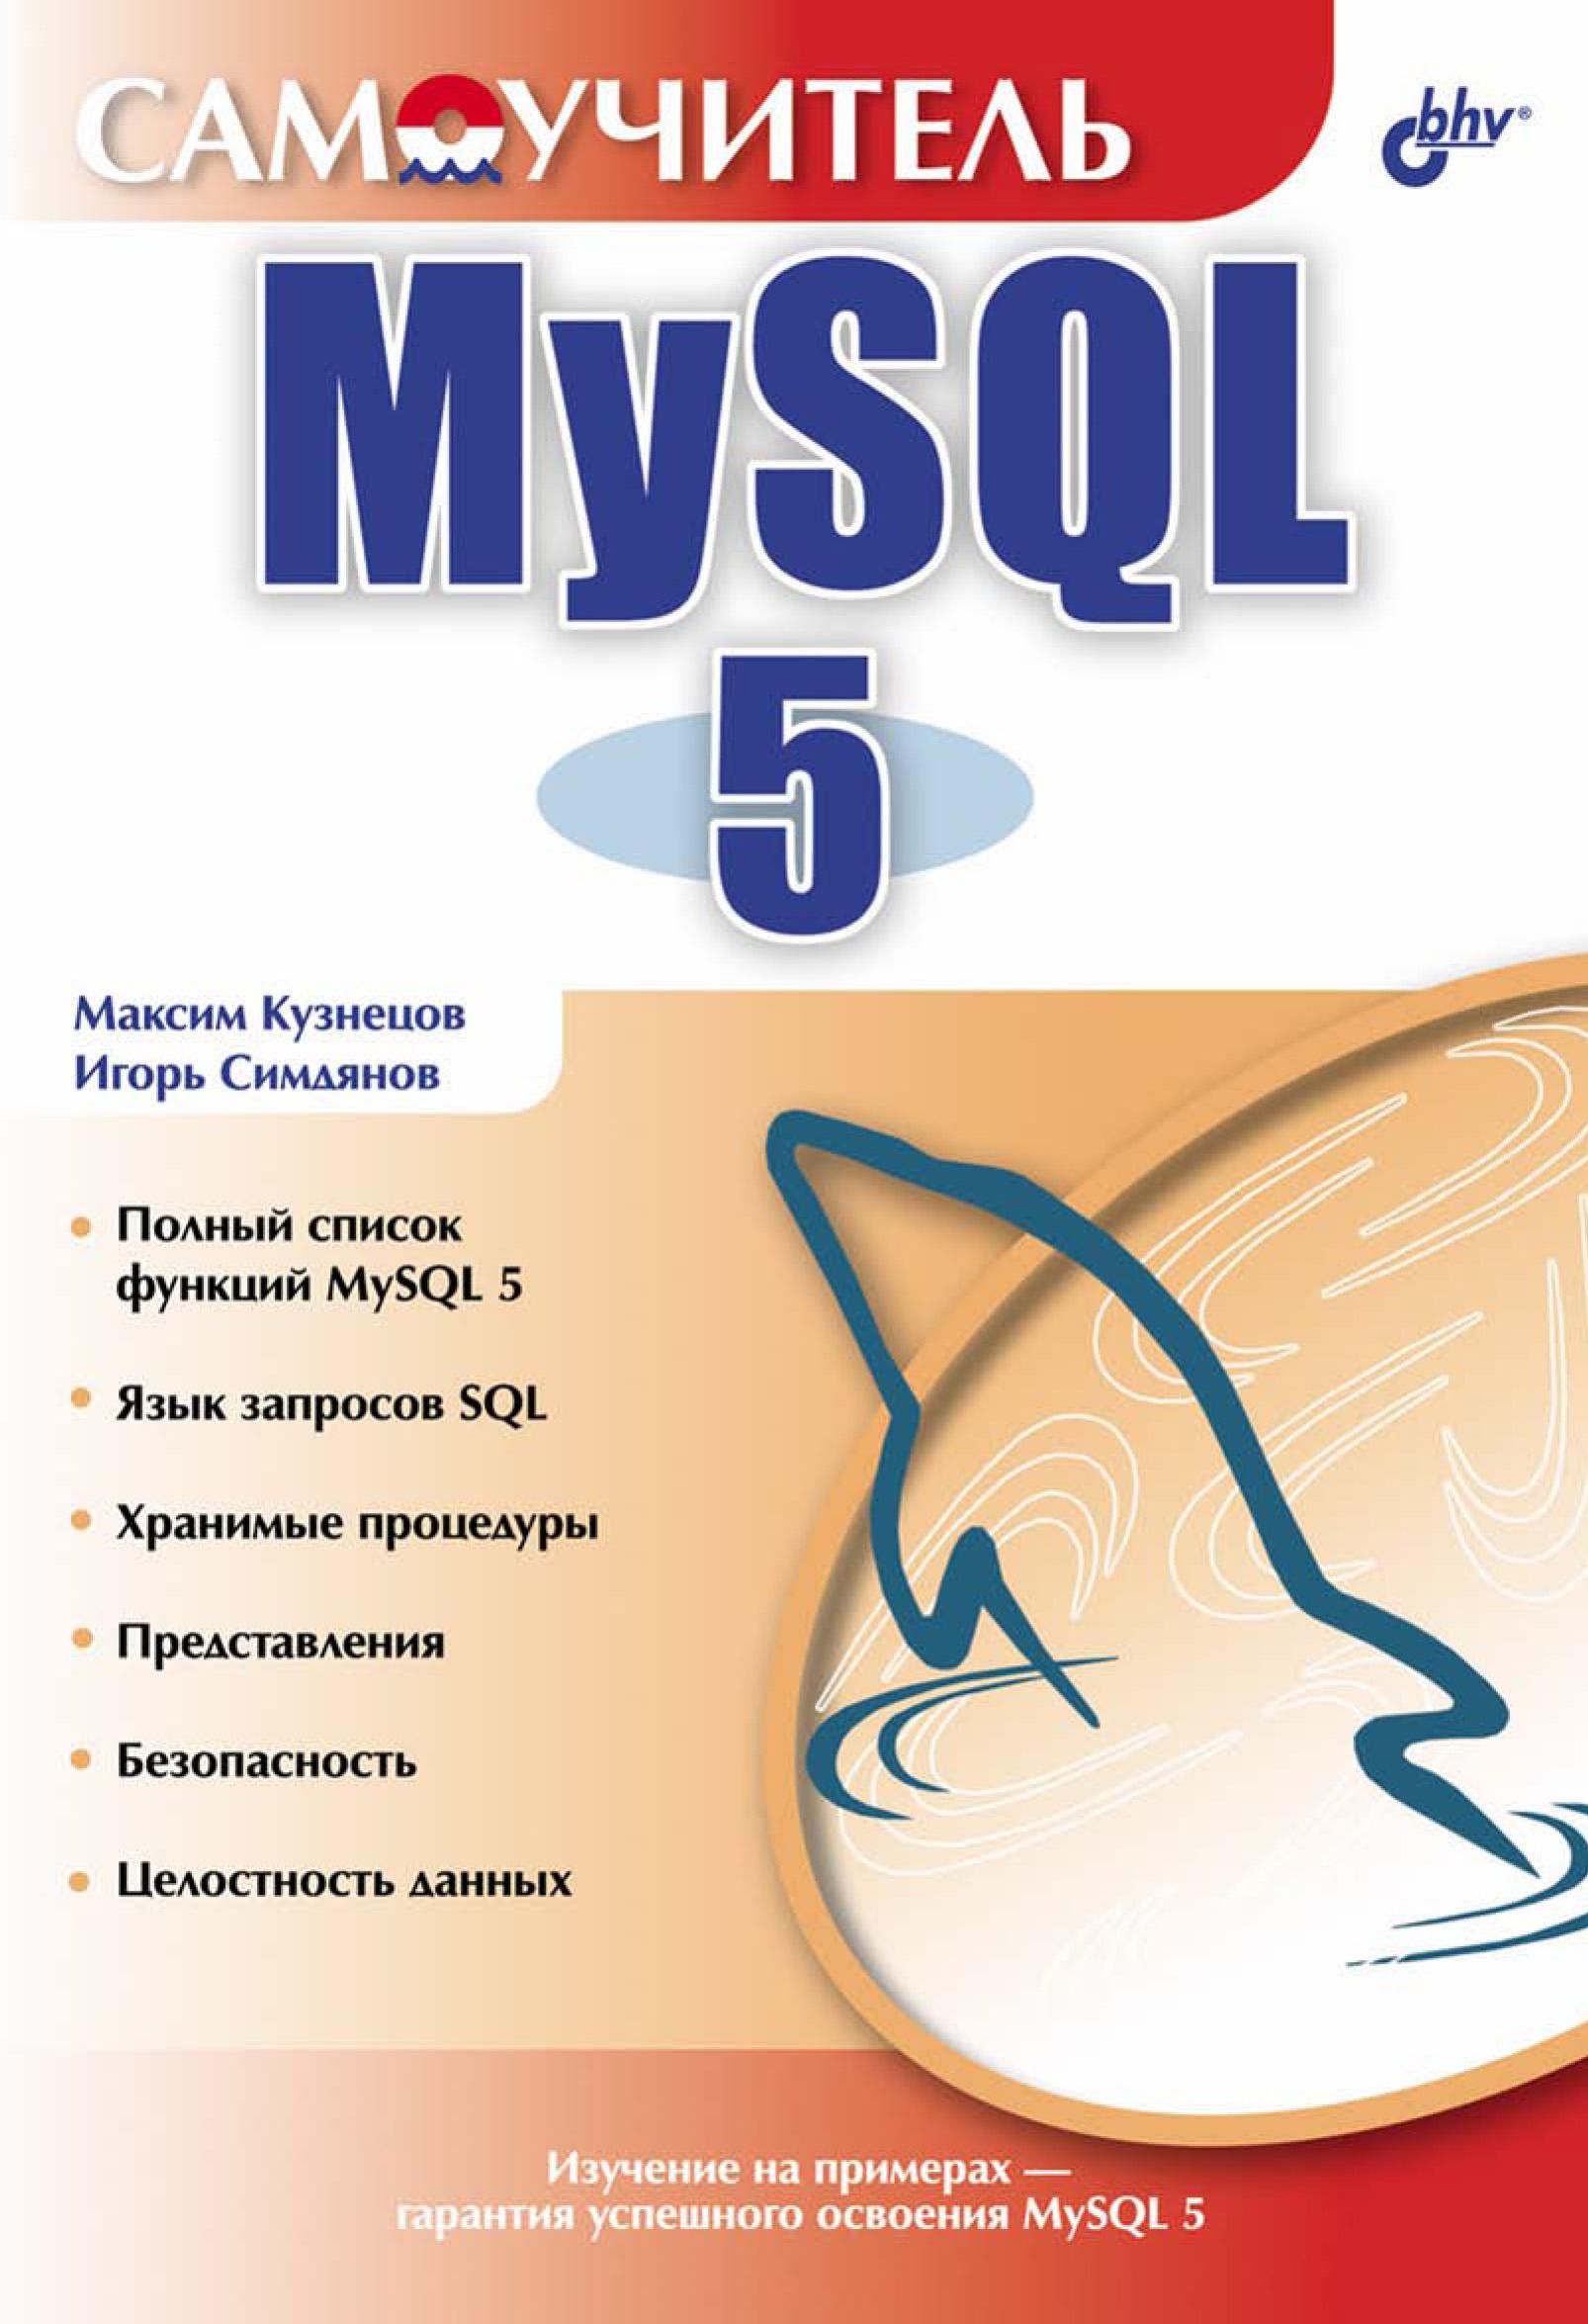 Максим Кузнецов Самоучитель MySQL 5 mysql技术精粹:架构、高级特性、性能优化与集群实战